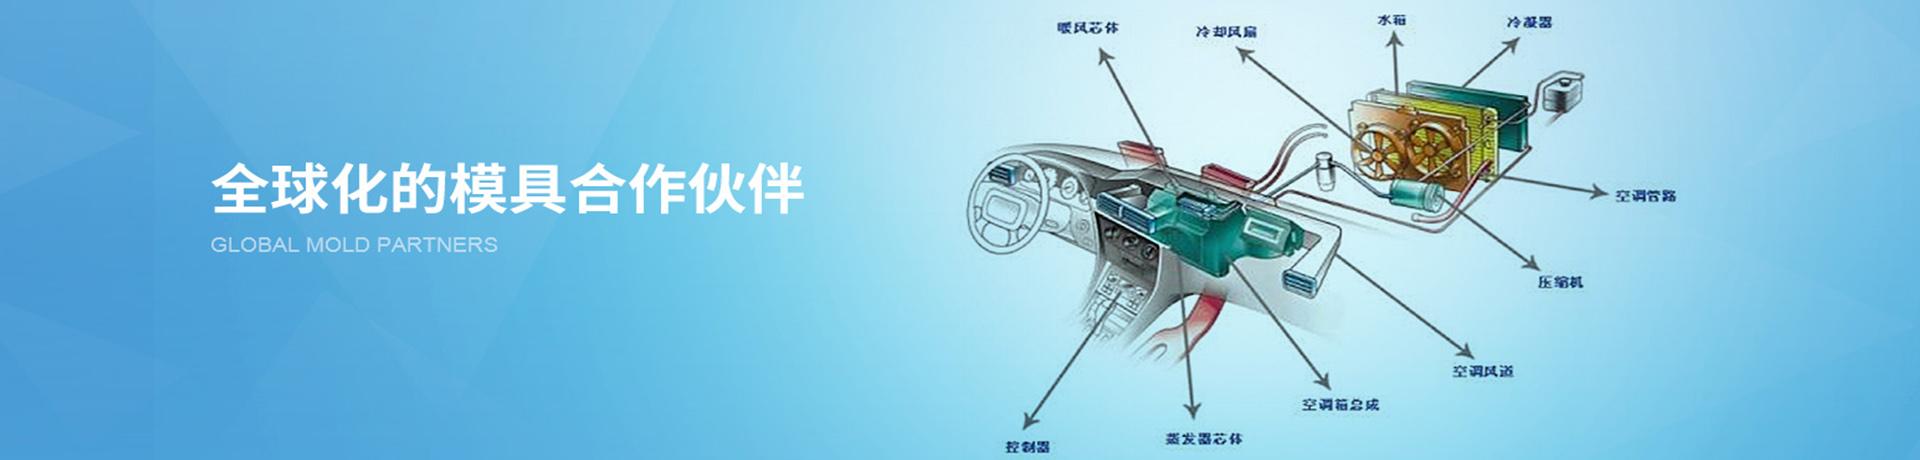 深圳宝为科技股份有限公司